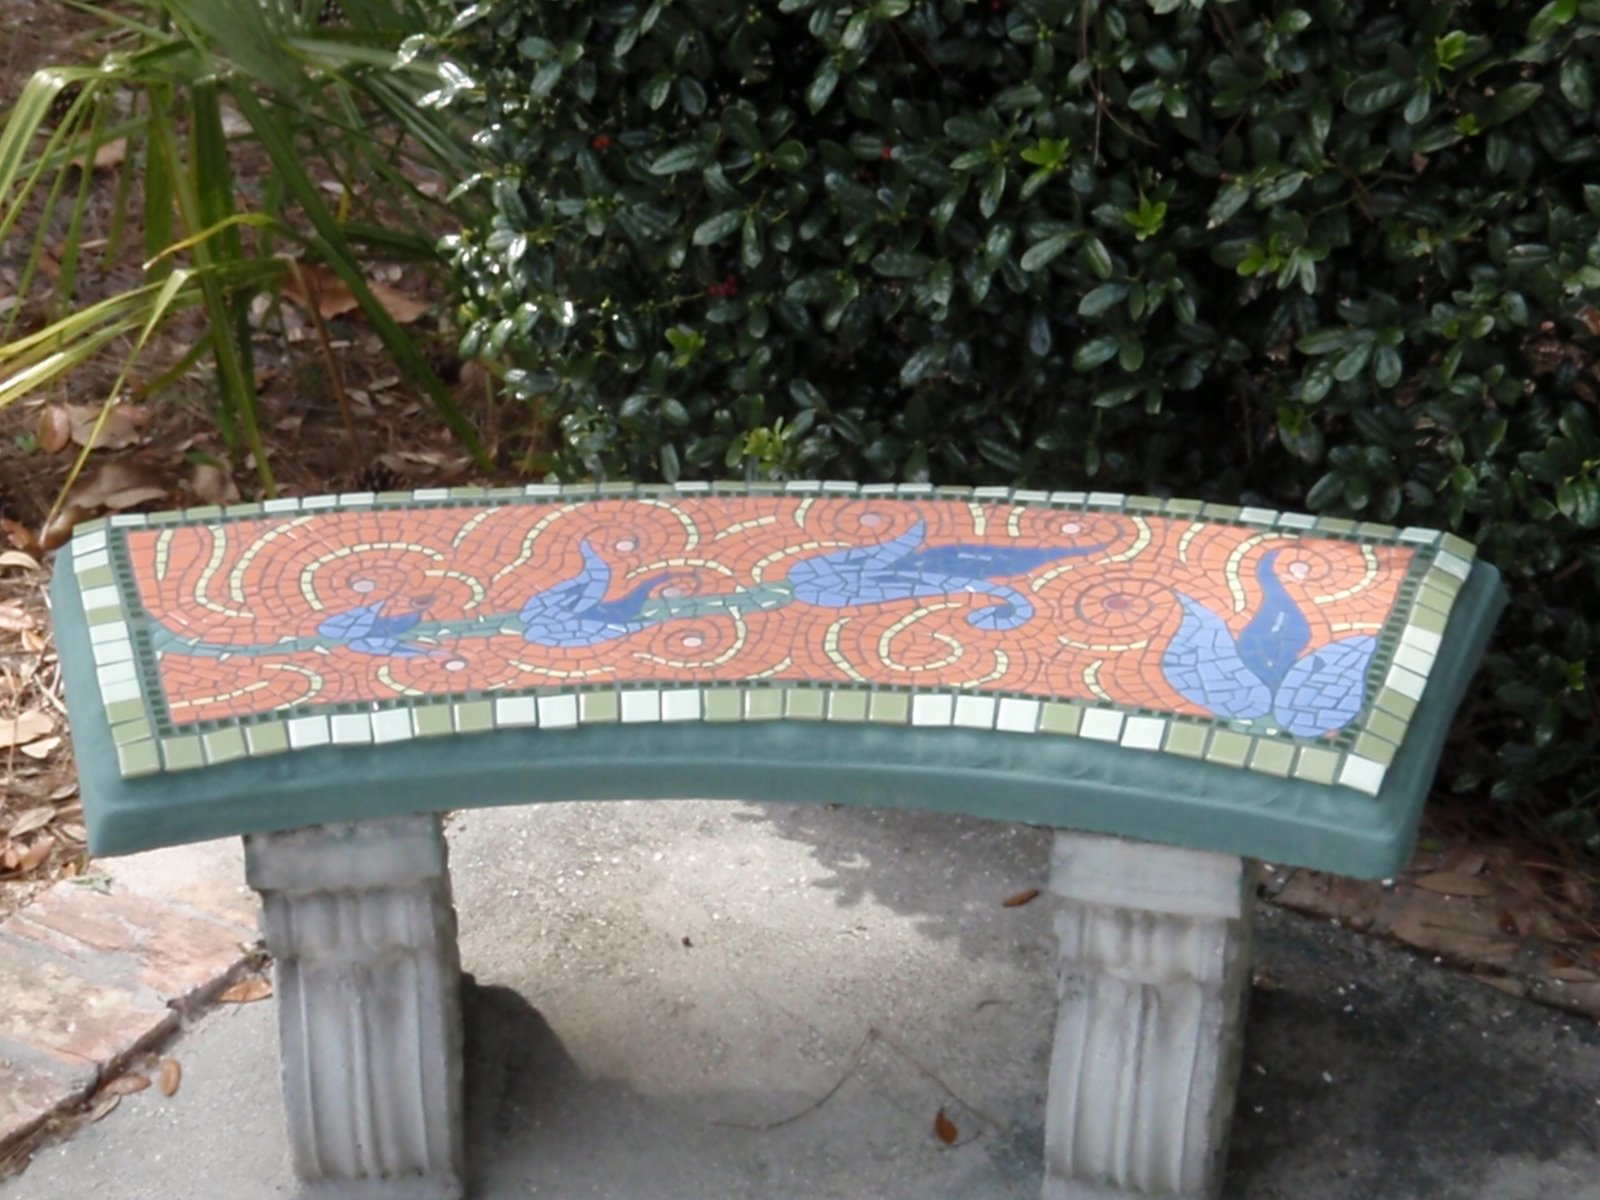 banco de jardim cimento : banco de jardim cimento:banco de cimento, no jardim, ganha ares de banco saído da antiga